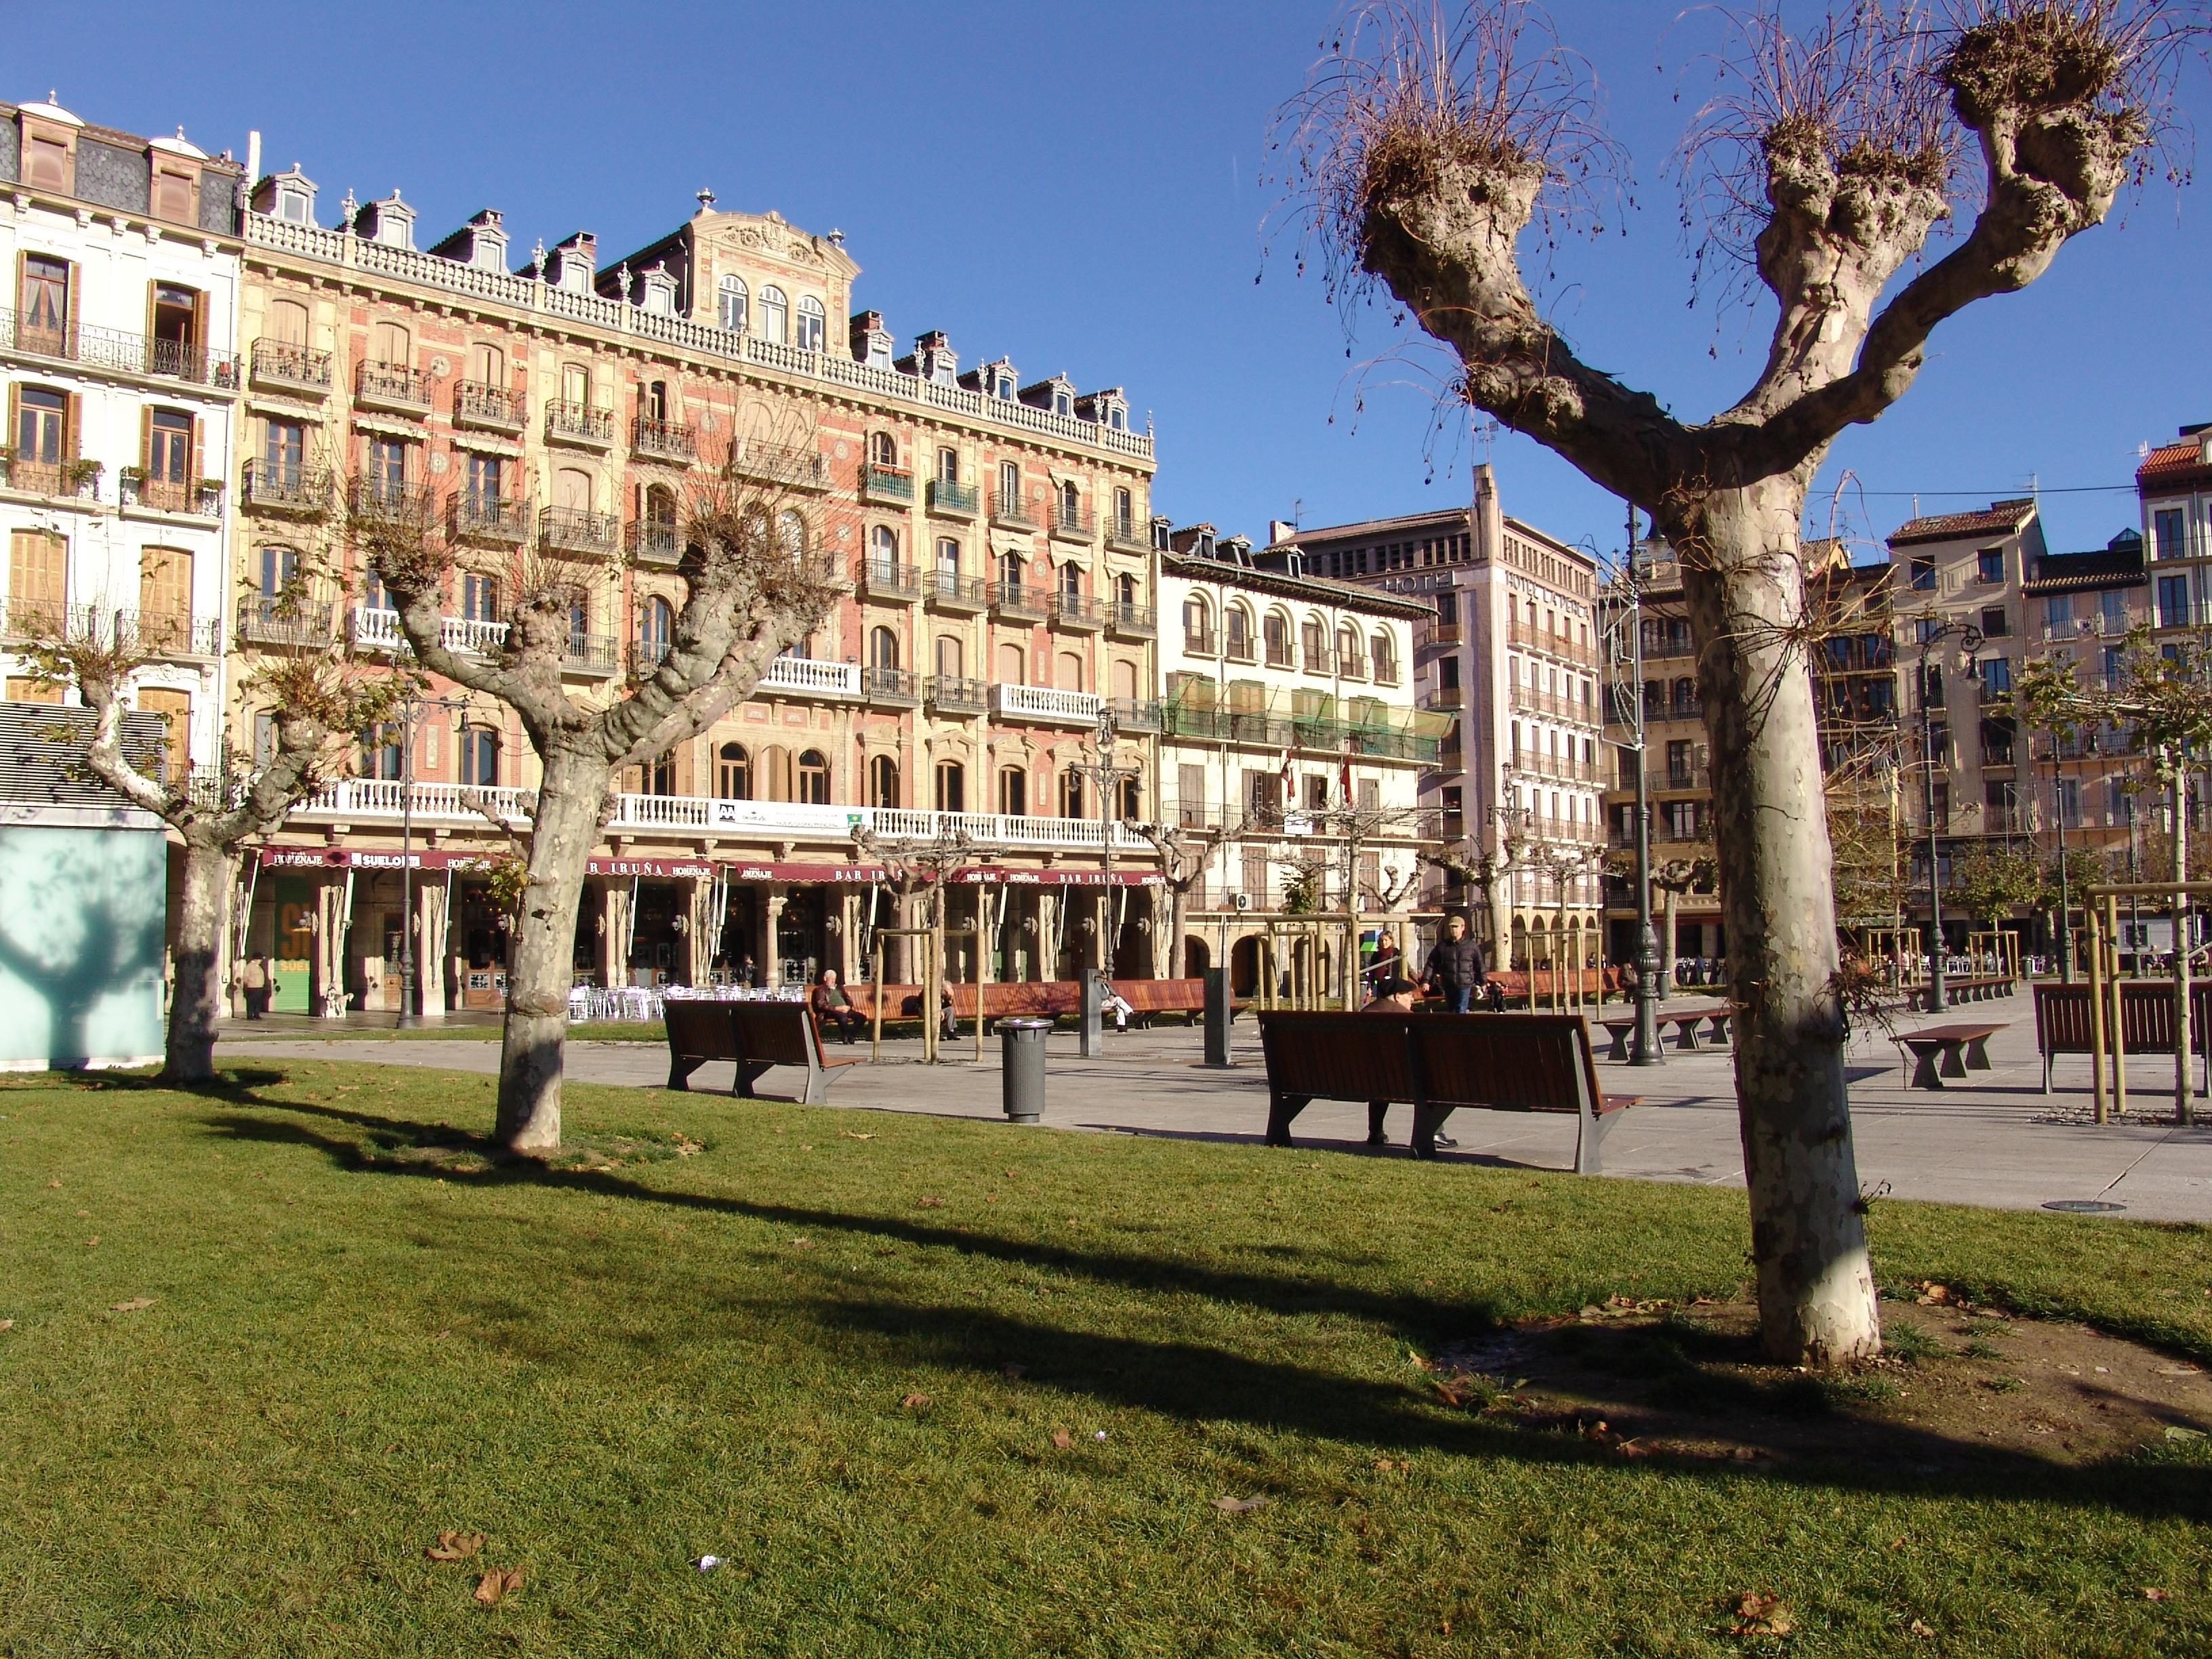 Plaza Del Castillo Pamplona Wikipedia La Enciclopedia Libre